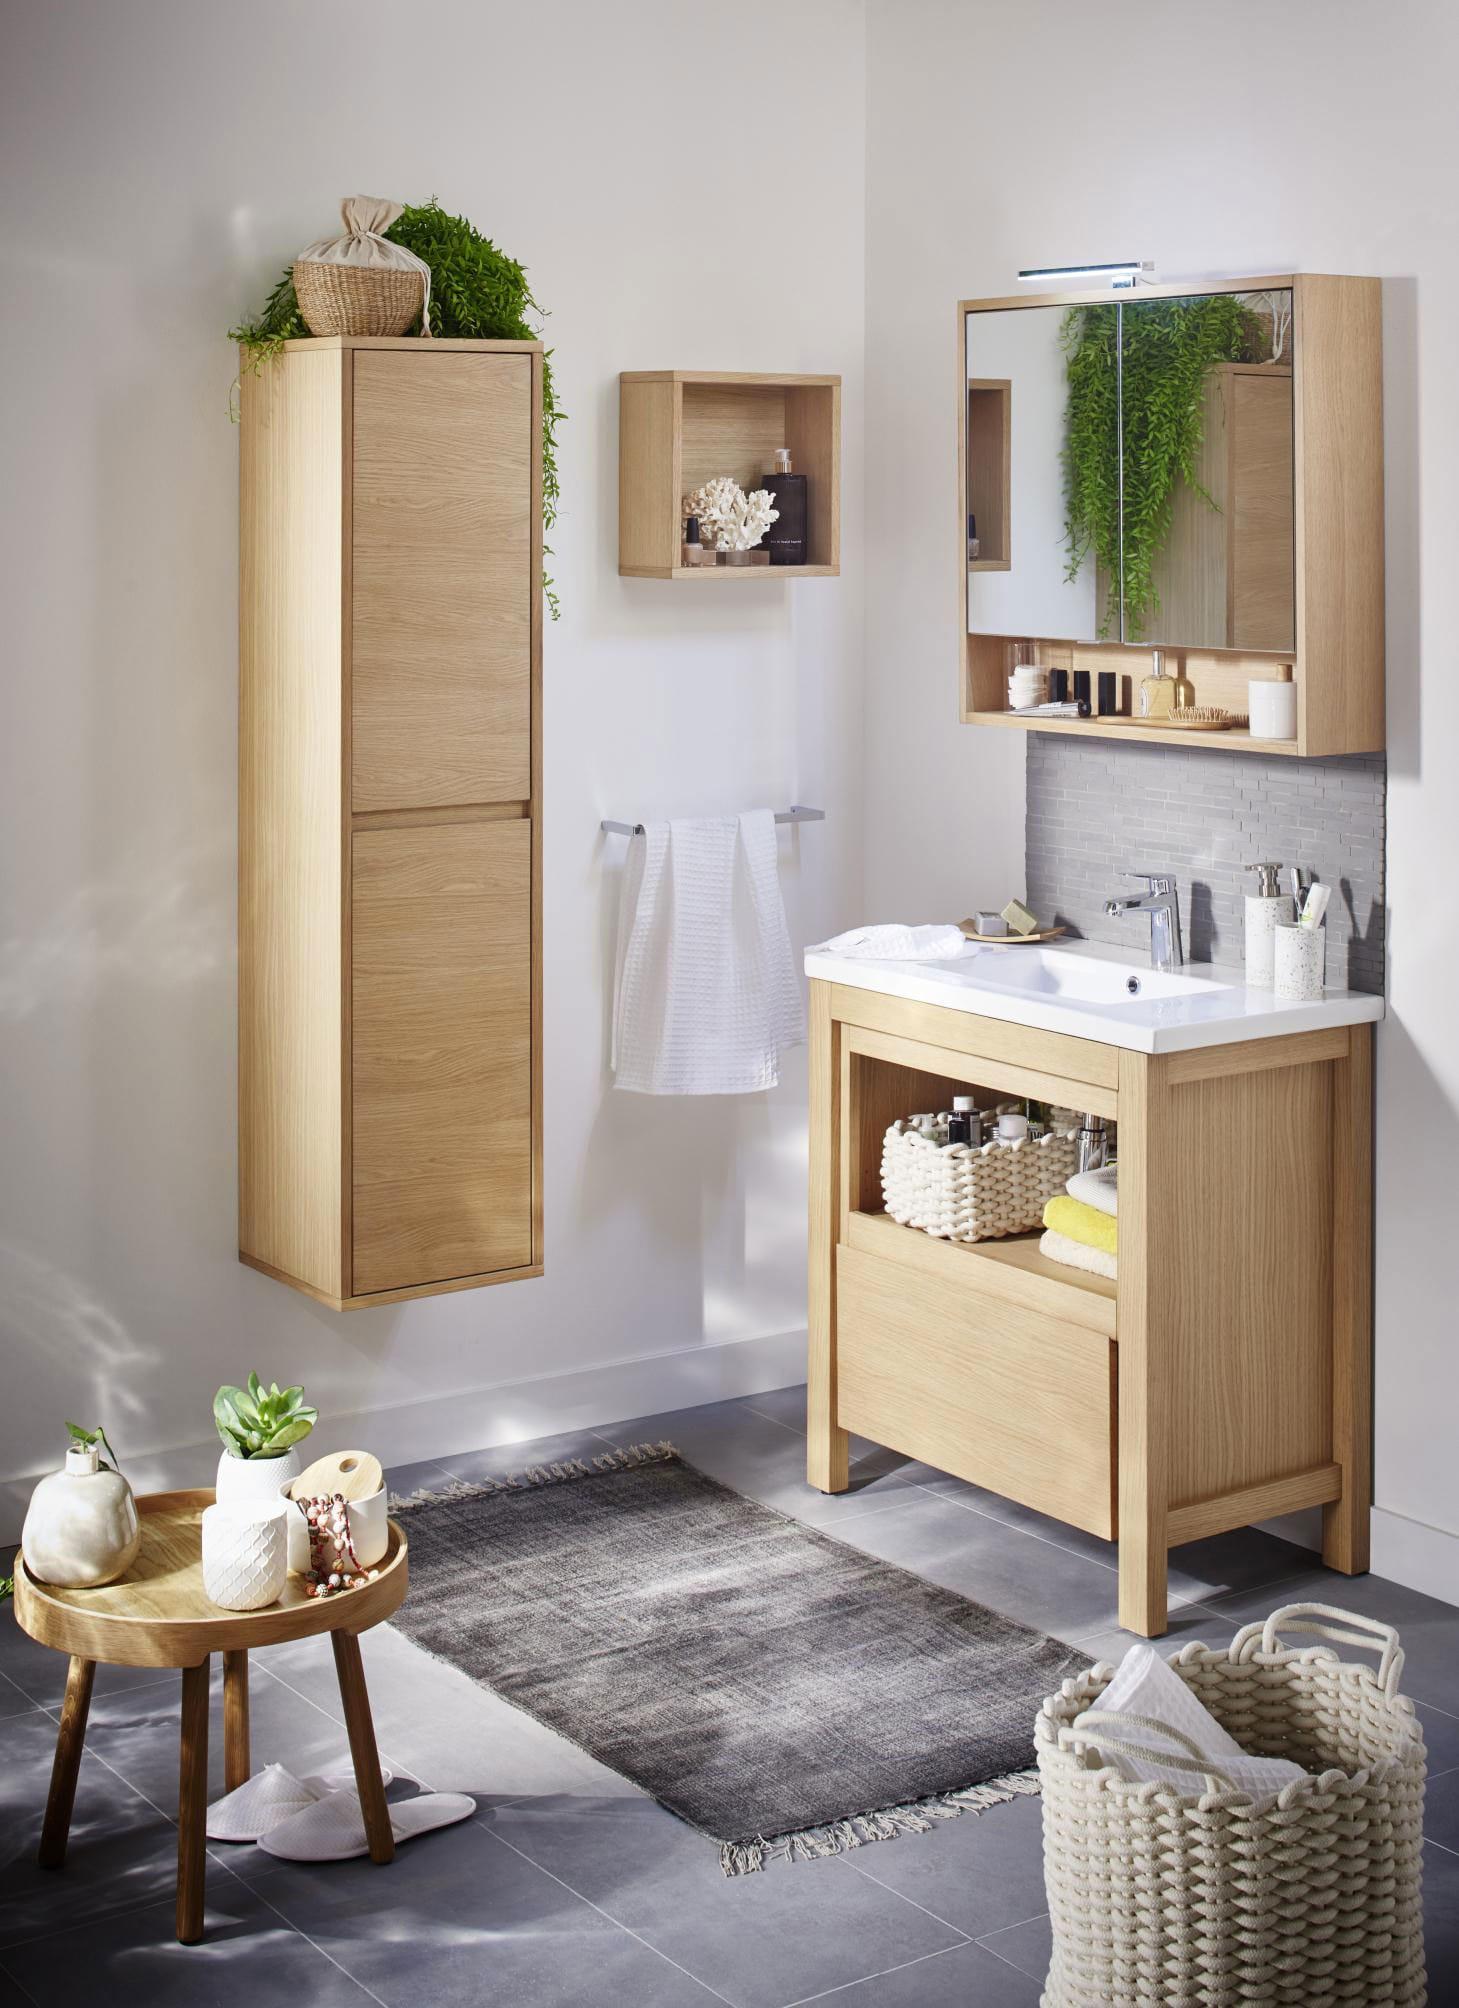 Salle De Bain Revetement inspiration salle de bain et petite salle de bain – lapeyre